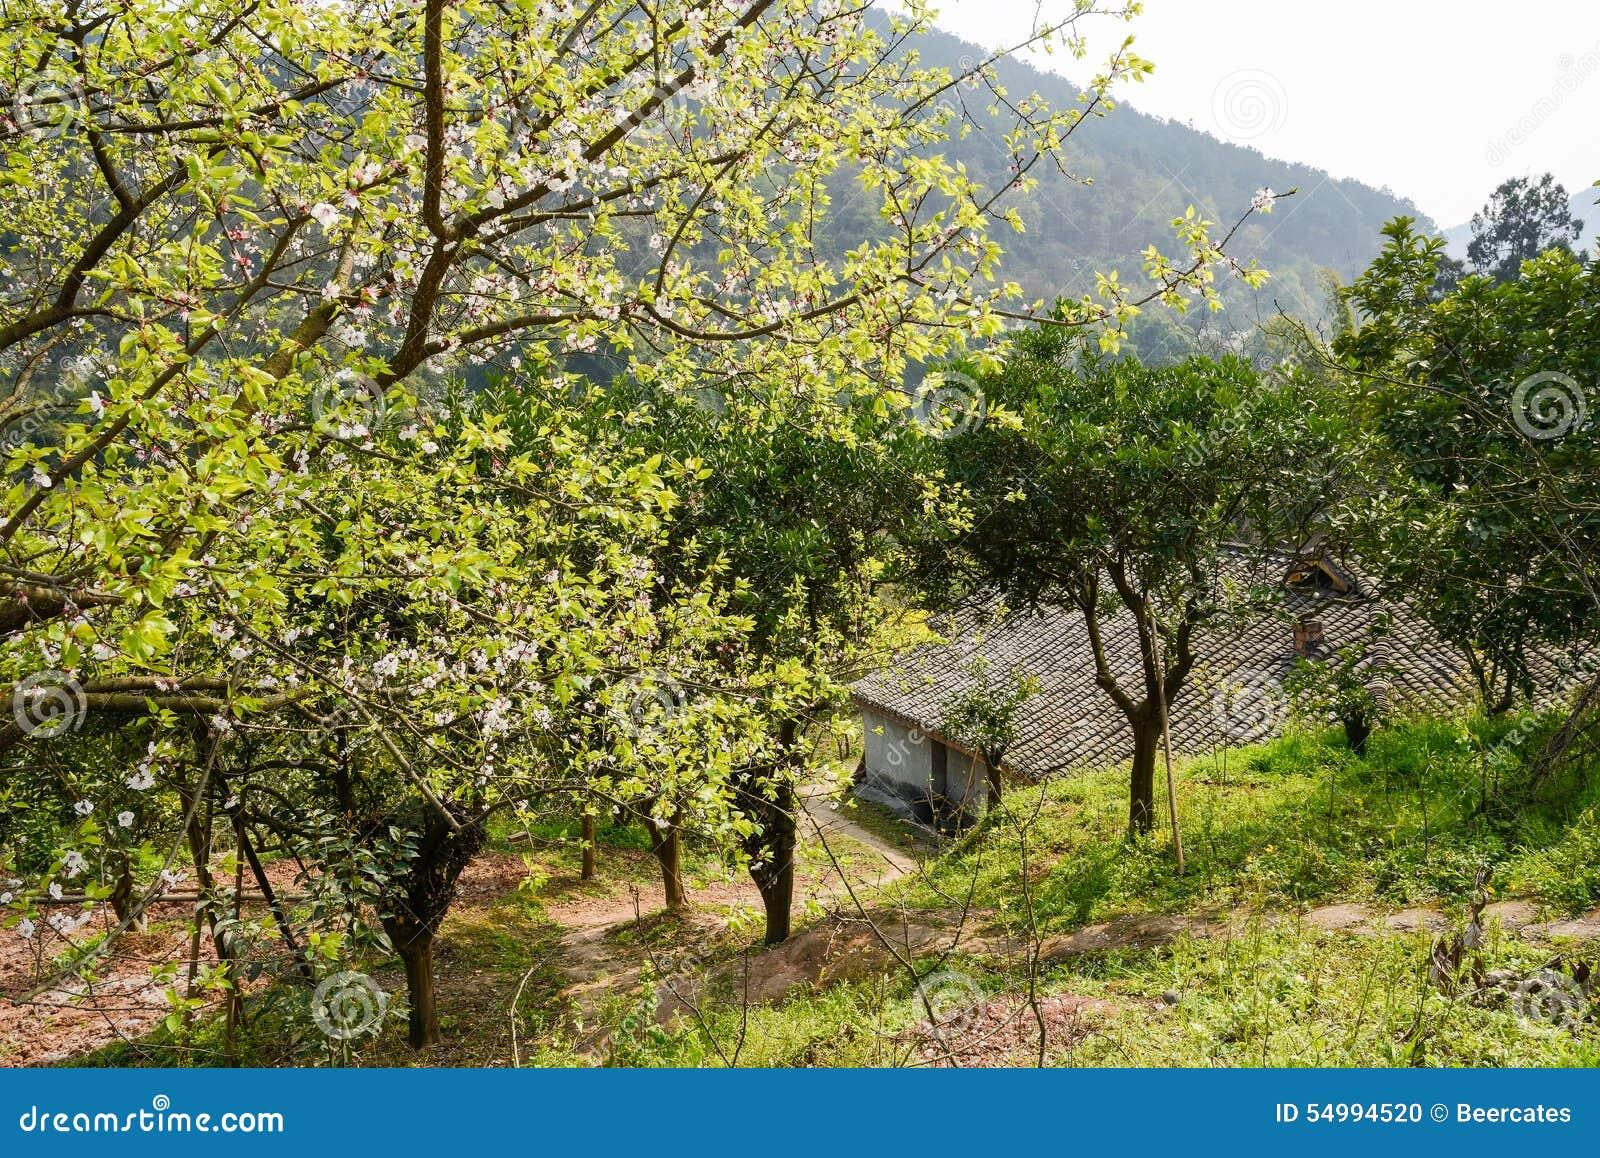 Bergssidalantbrukarhem, i att blomstra våren på middagen